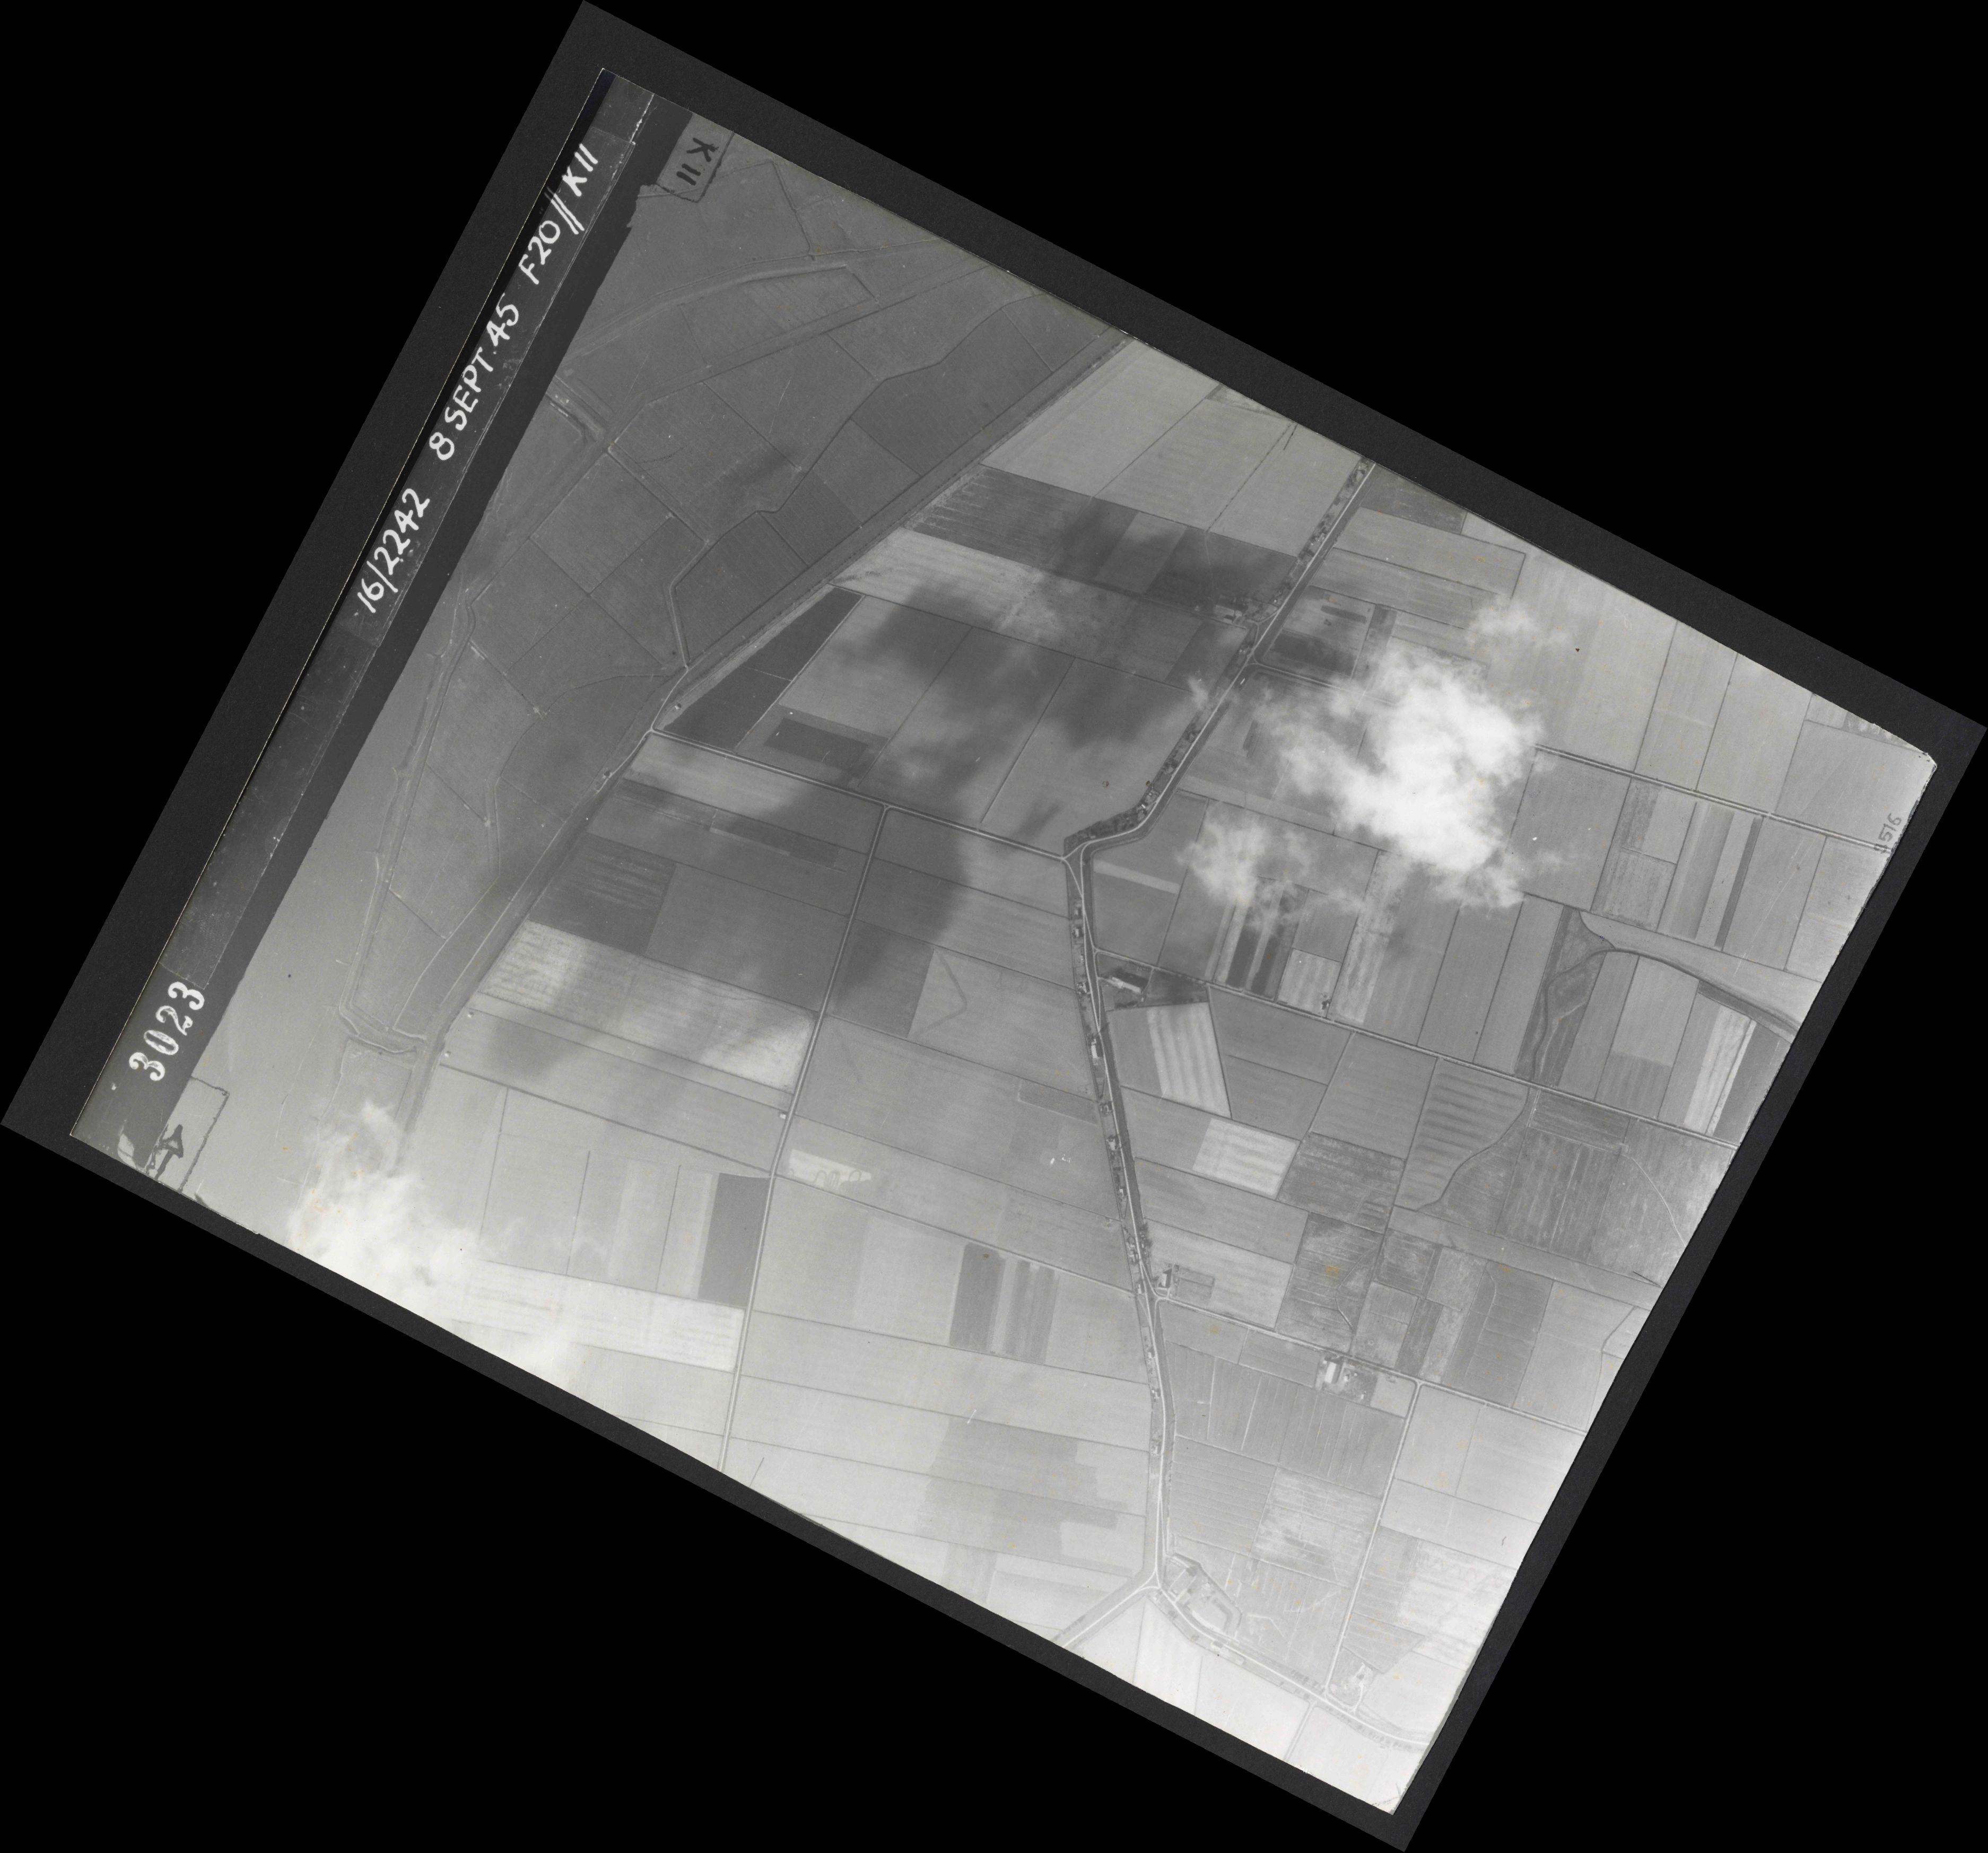 Collection RAF aerial photos 1940-1945 - flight 036, run 12, photo 3023